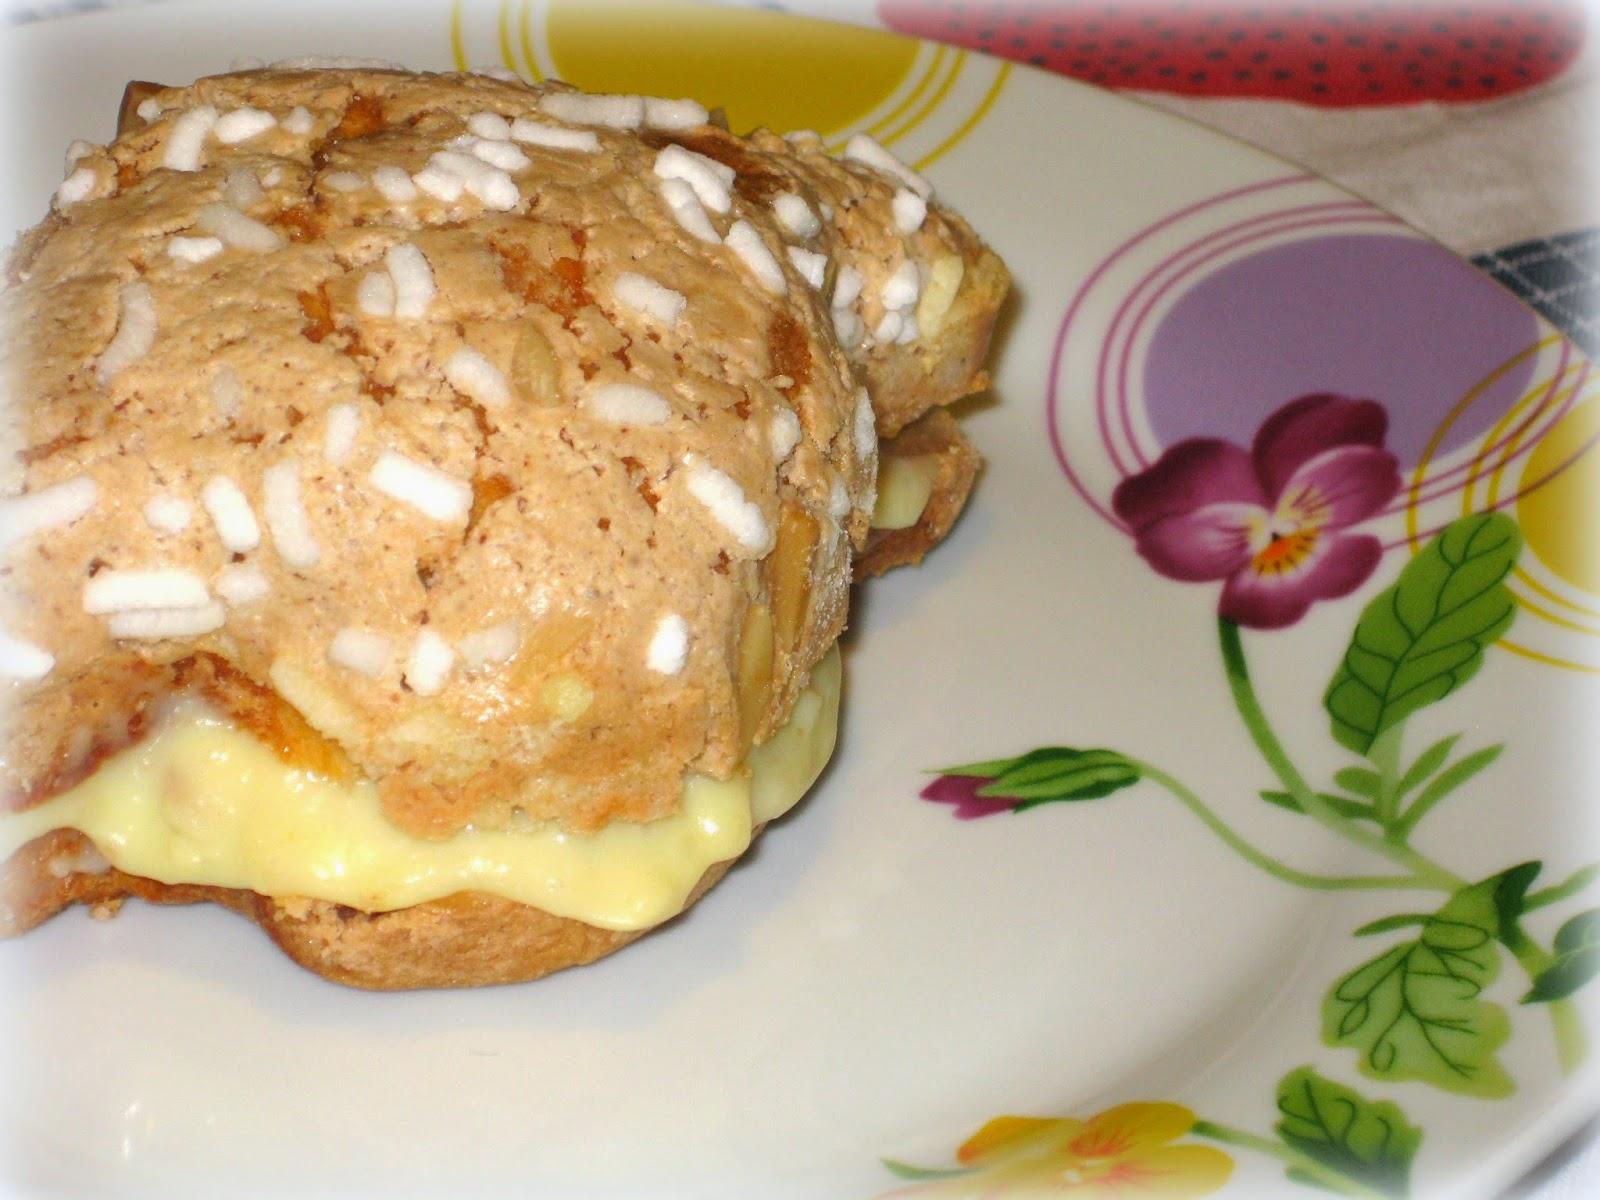 La ricetta della crema al cioccolato bianco con cui farcire la colomba pasquale, deliziosa, è perfetta per gli intolleranti alle uova.